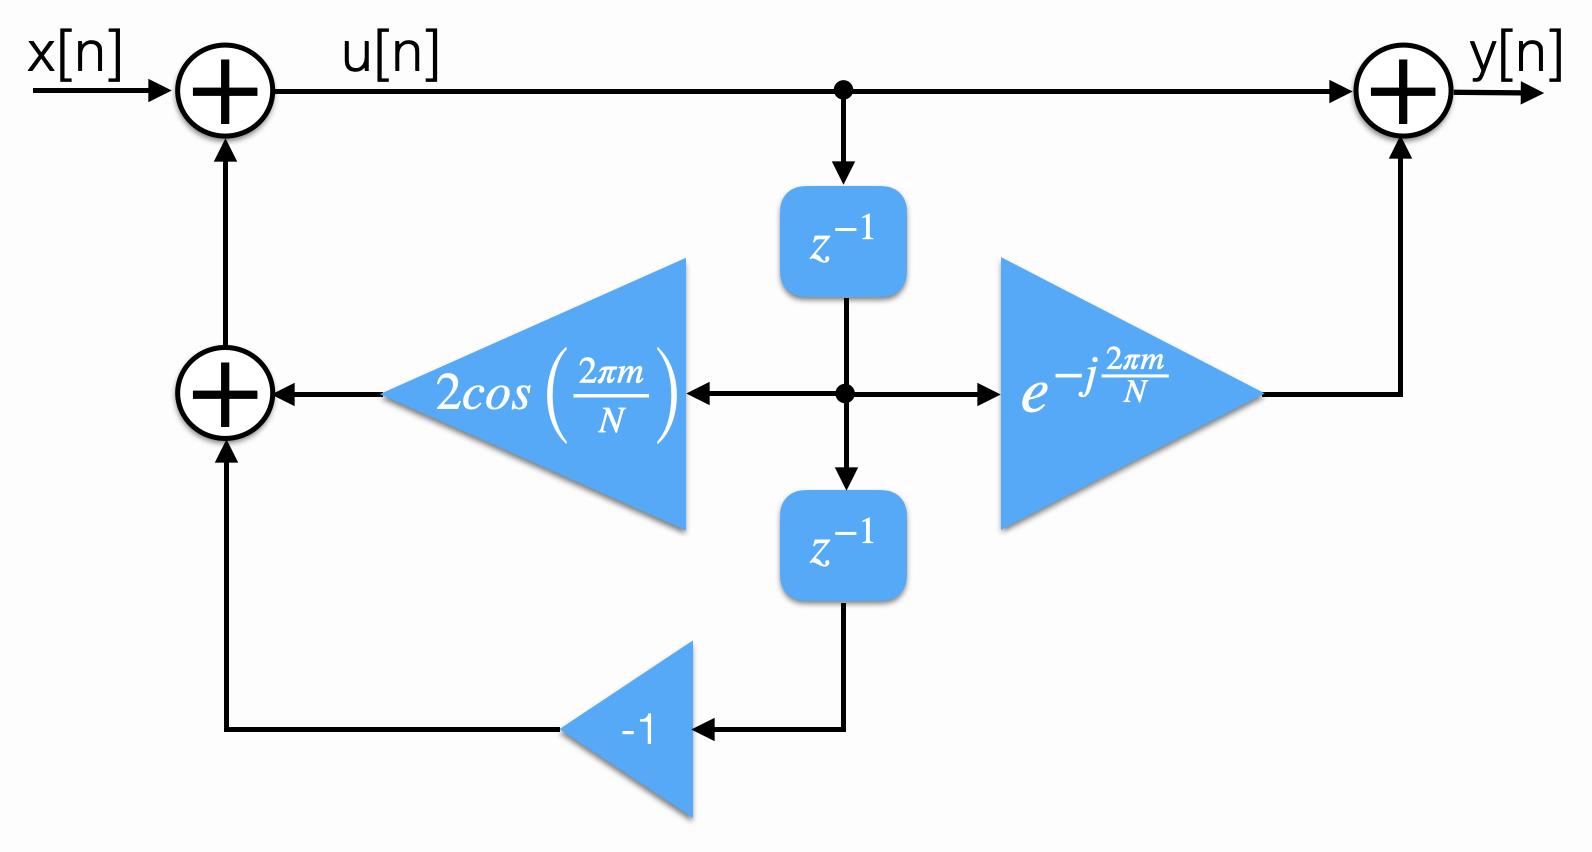 Структурная схема БИХ-фильтра Гёрцеля